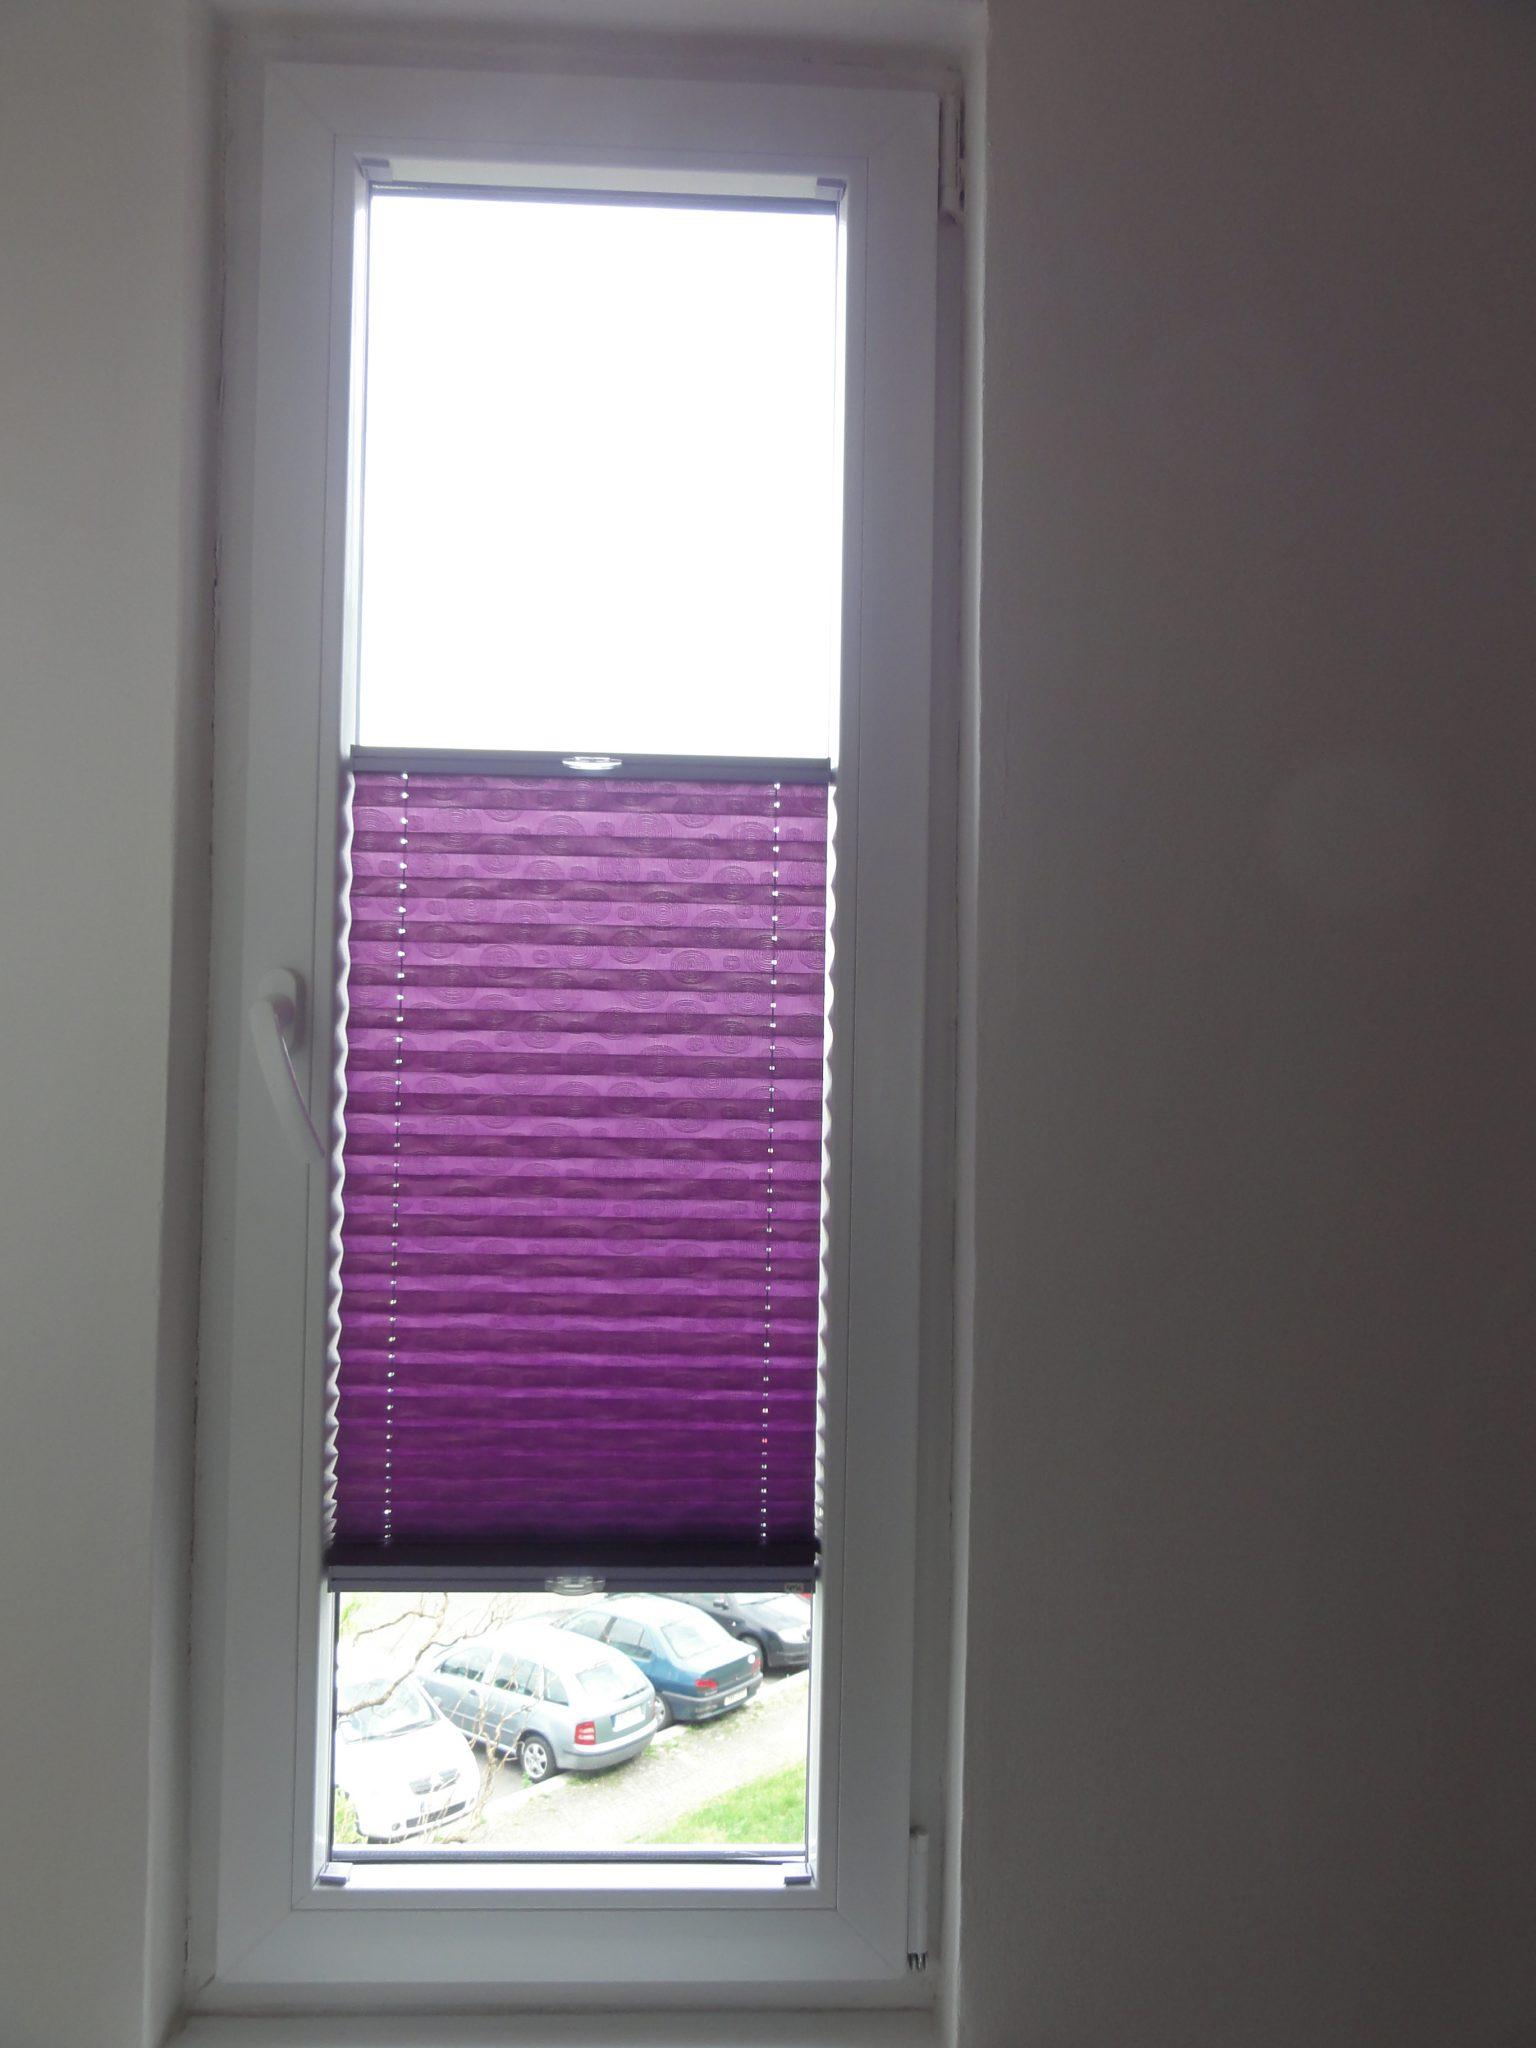 Částečné stínění pomocí plisé na úzkém okně